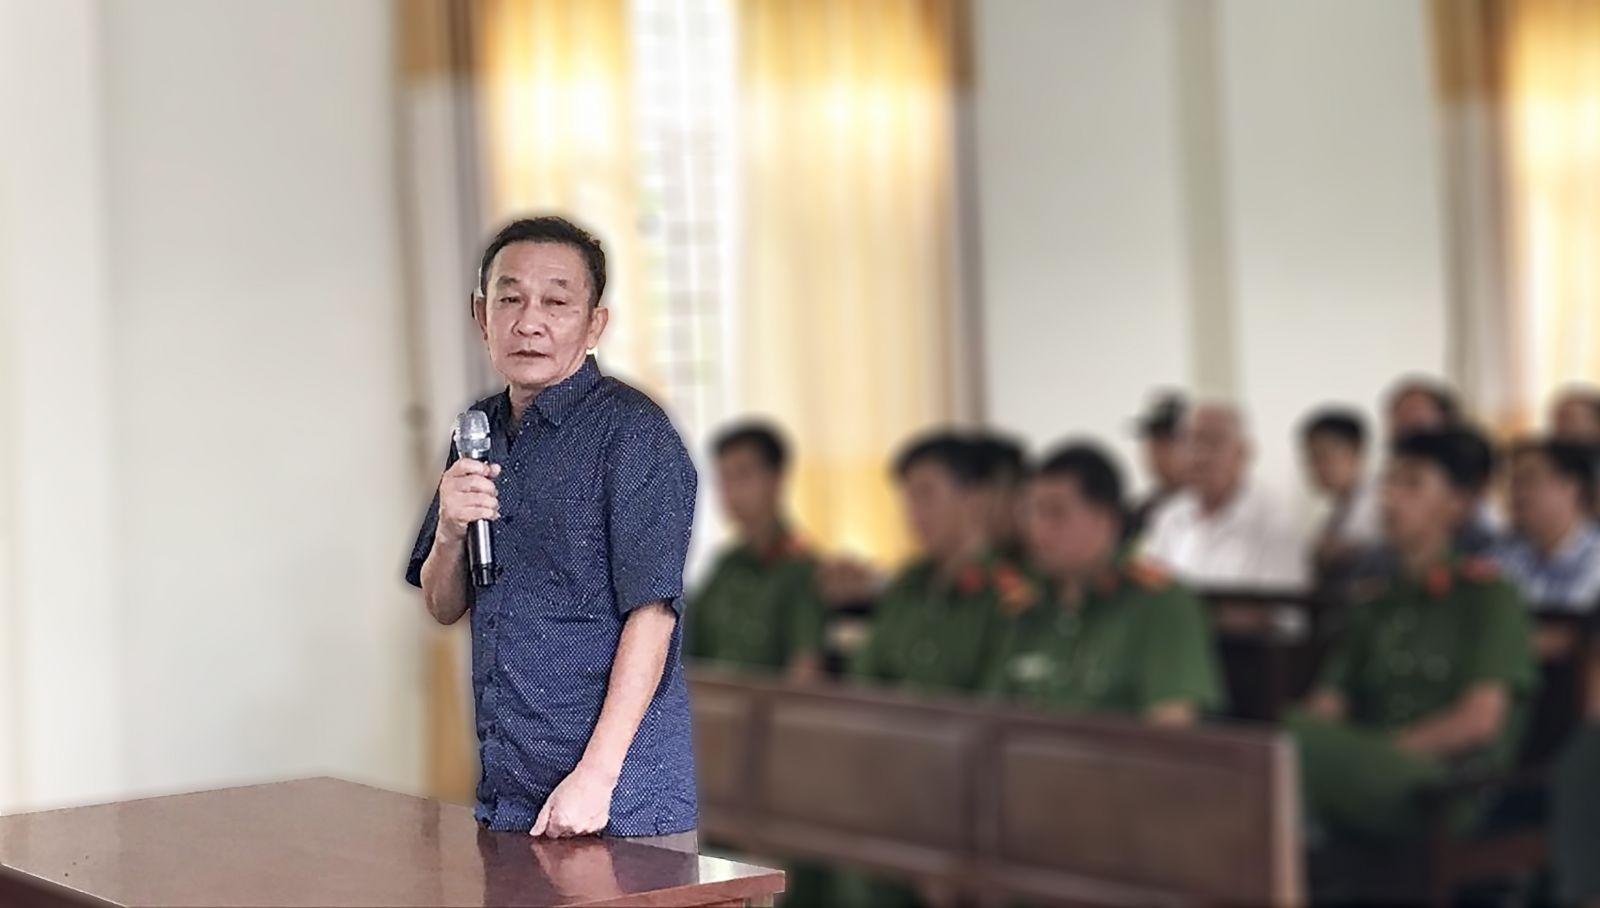 Bị cáo Nguyễn Hoàng Năm trả lời thẩm vấn HĐXX. Ảnh: KIỀU CHINH